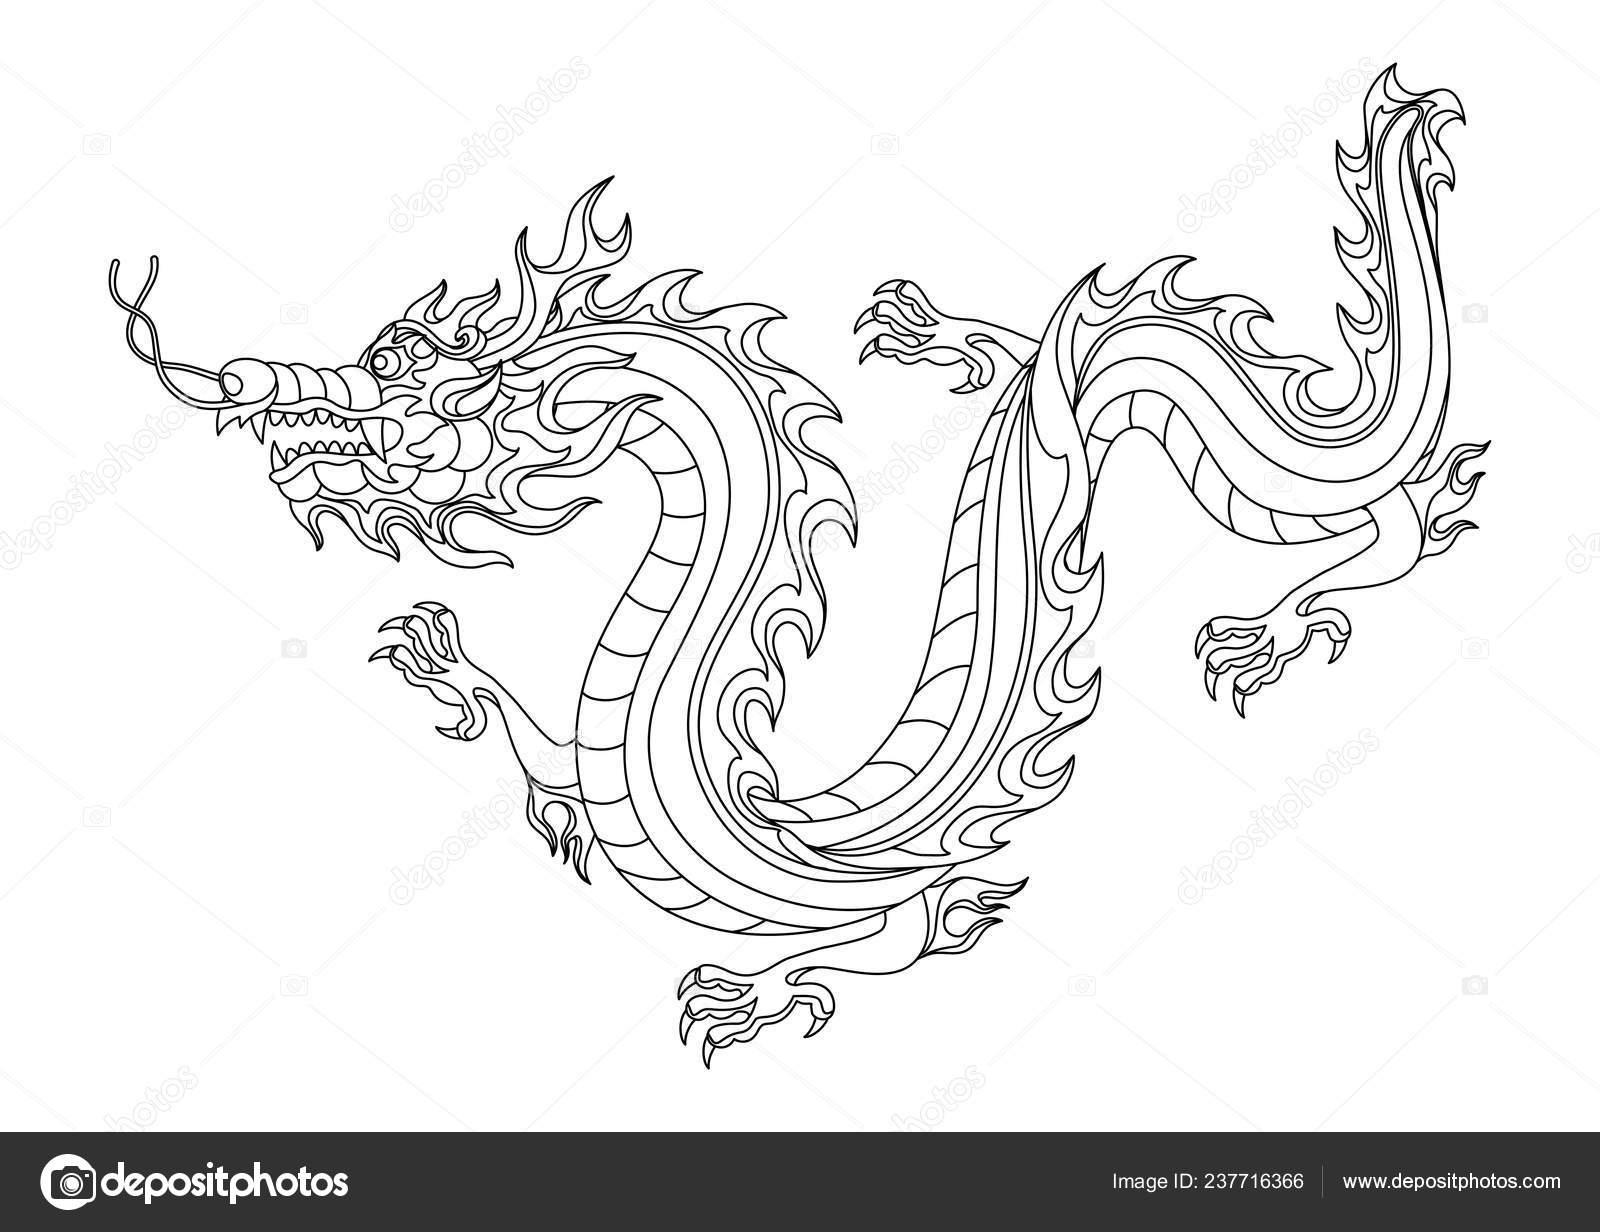 abbildung des chinesischen drachen malvorlagen zum drucken